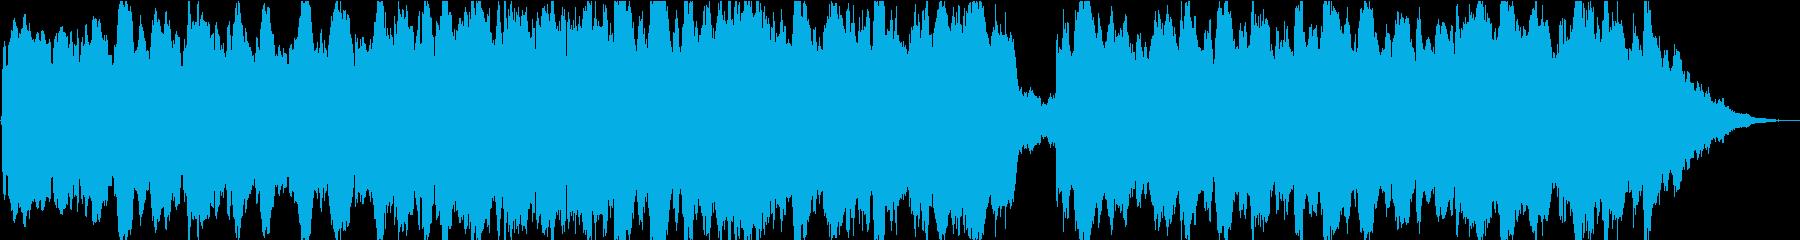 ドローン 不安定なホバーベース01の再生済みの波形